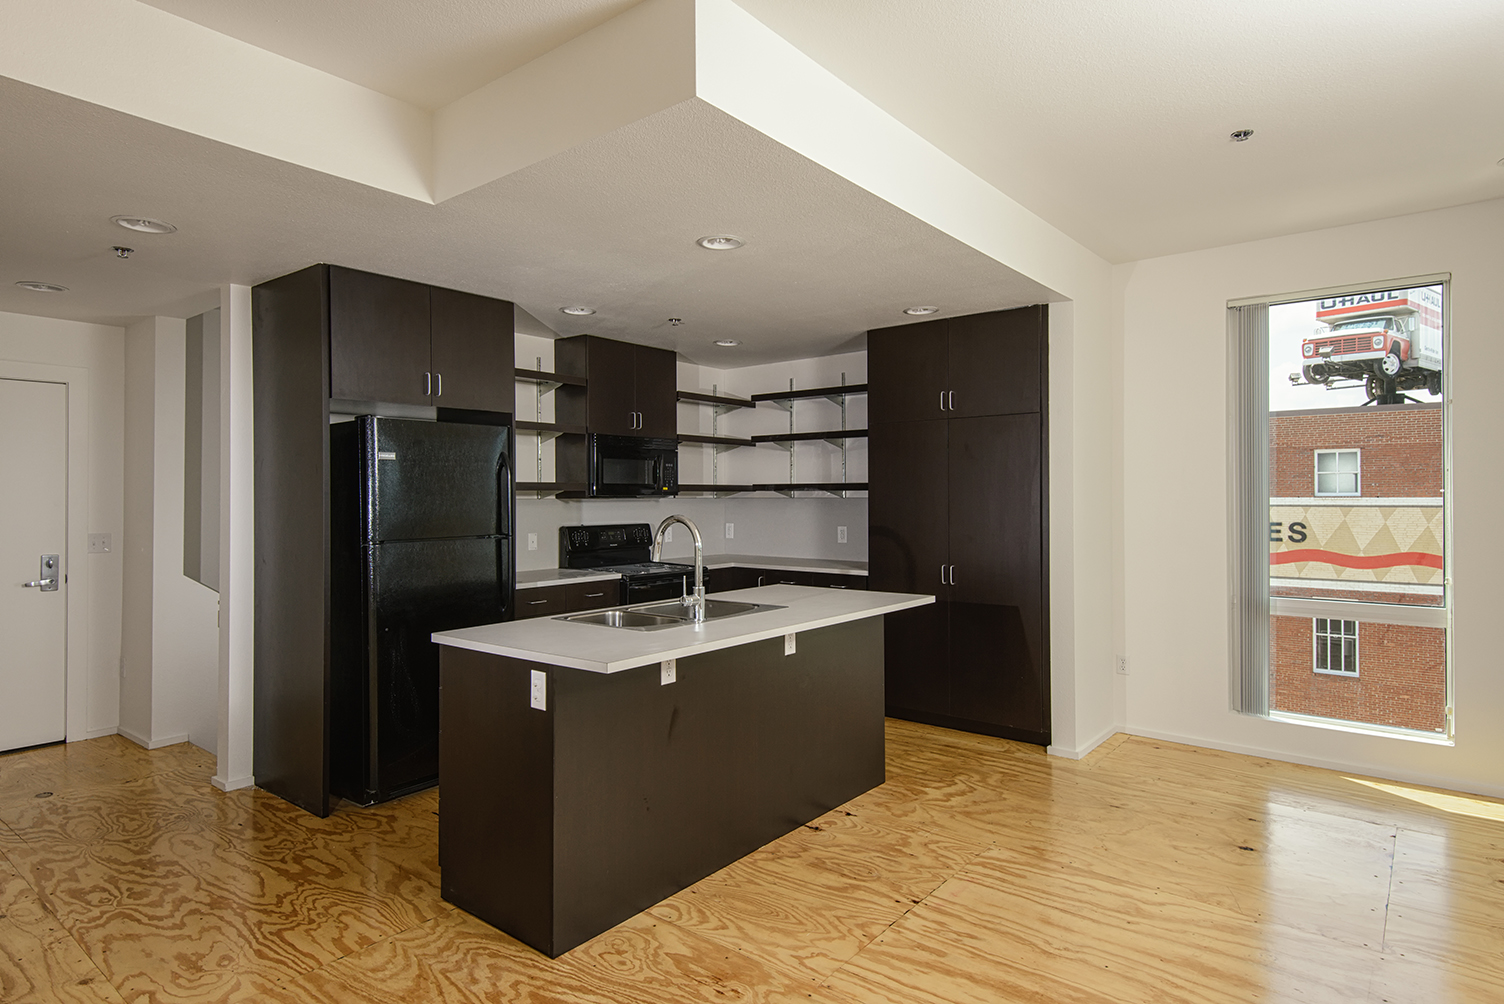 GreenArch Apartment Kitchen